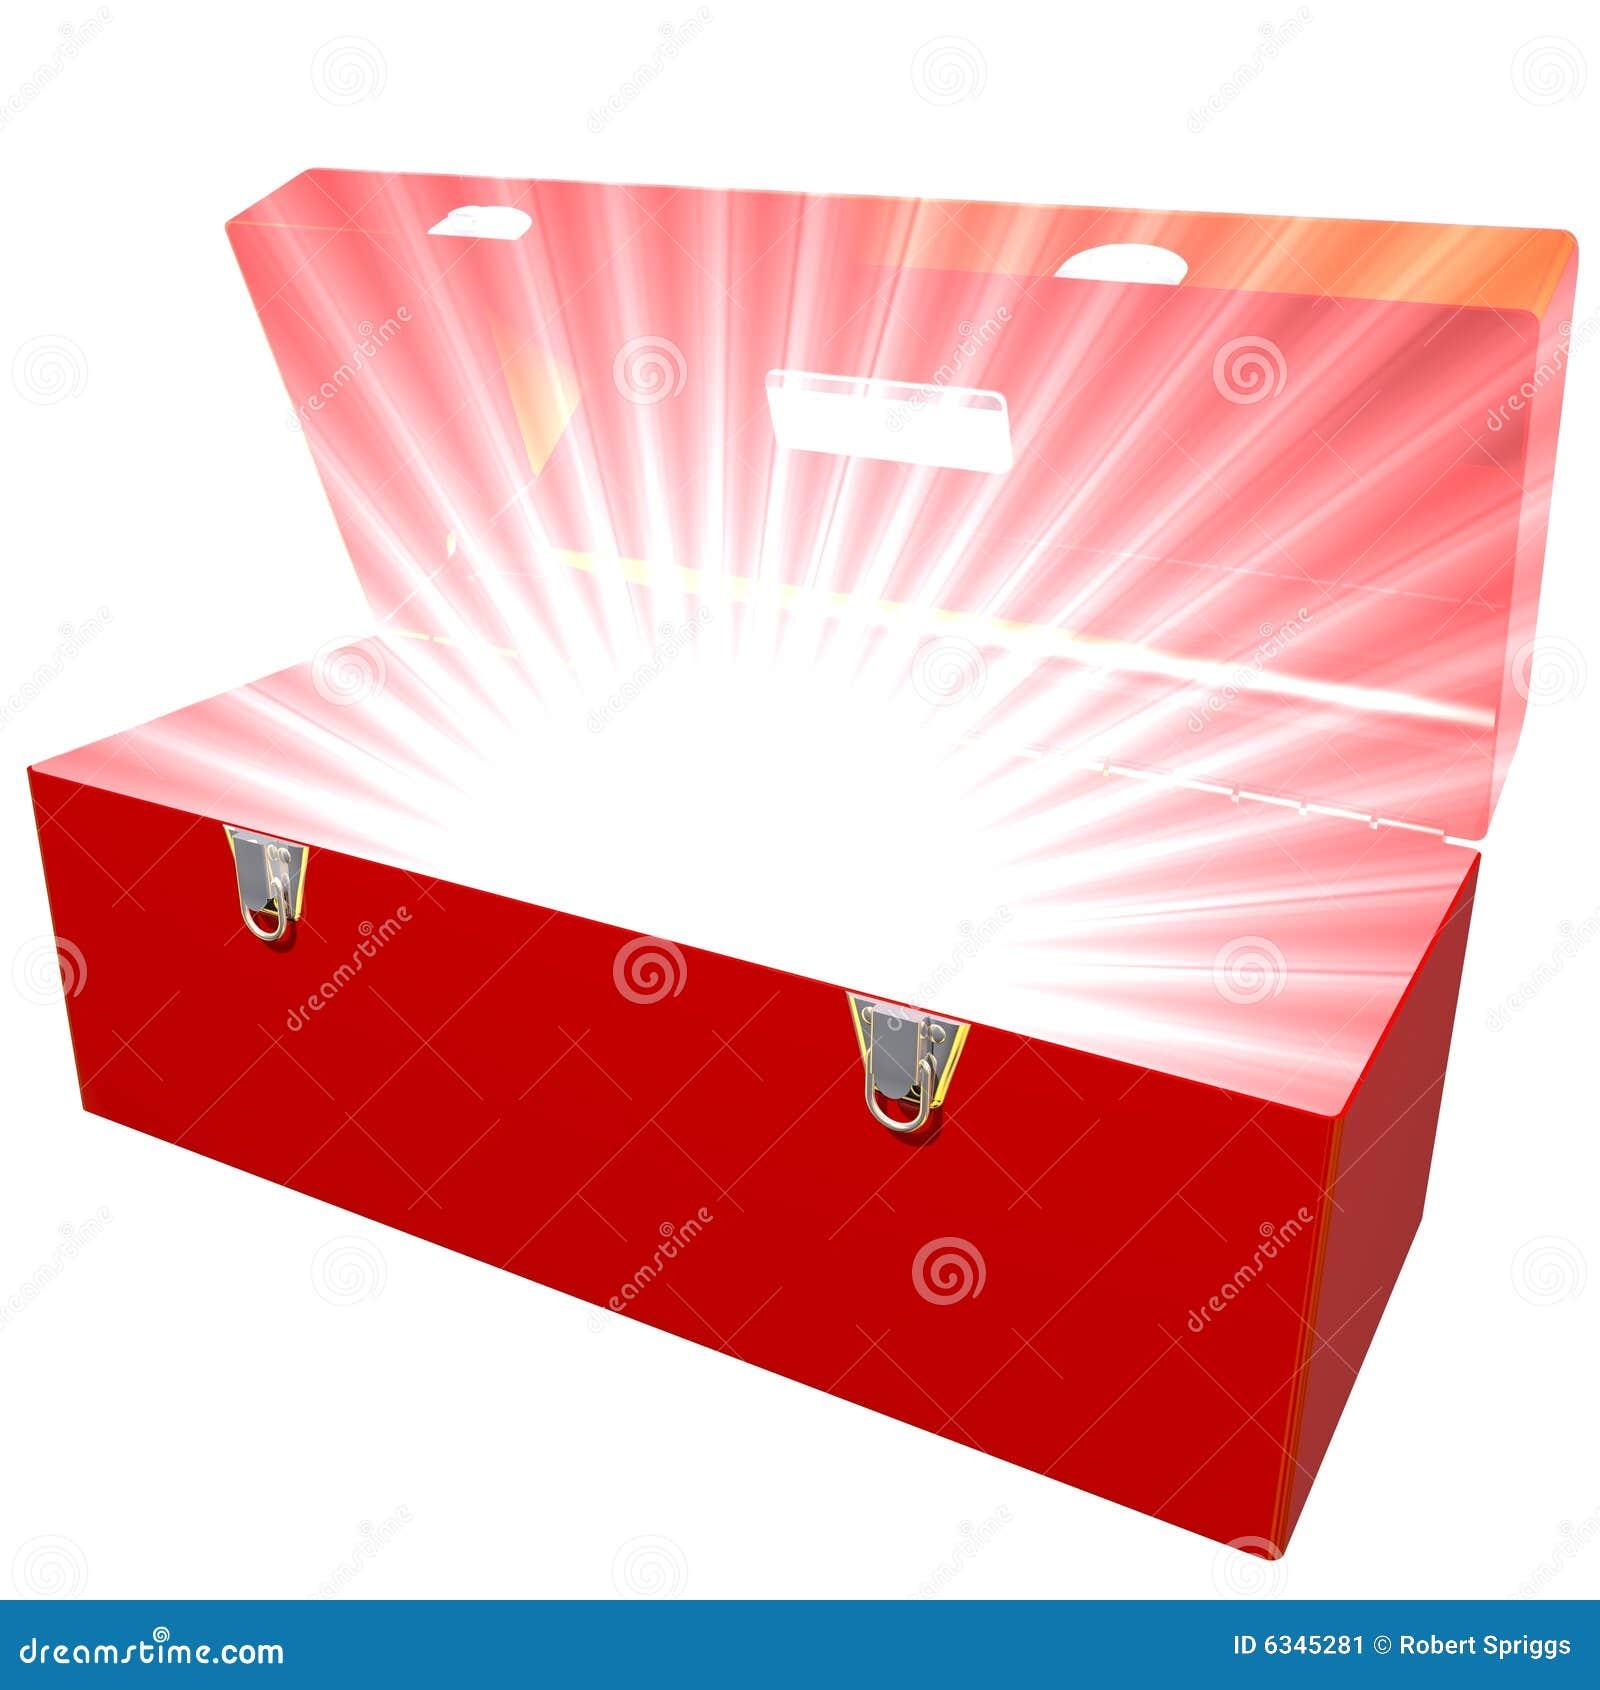 展开的工具箱